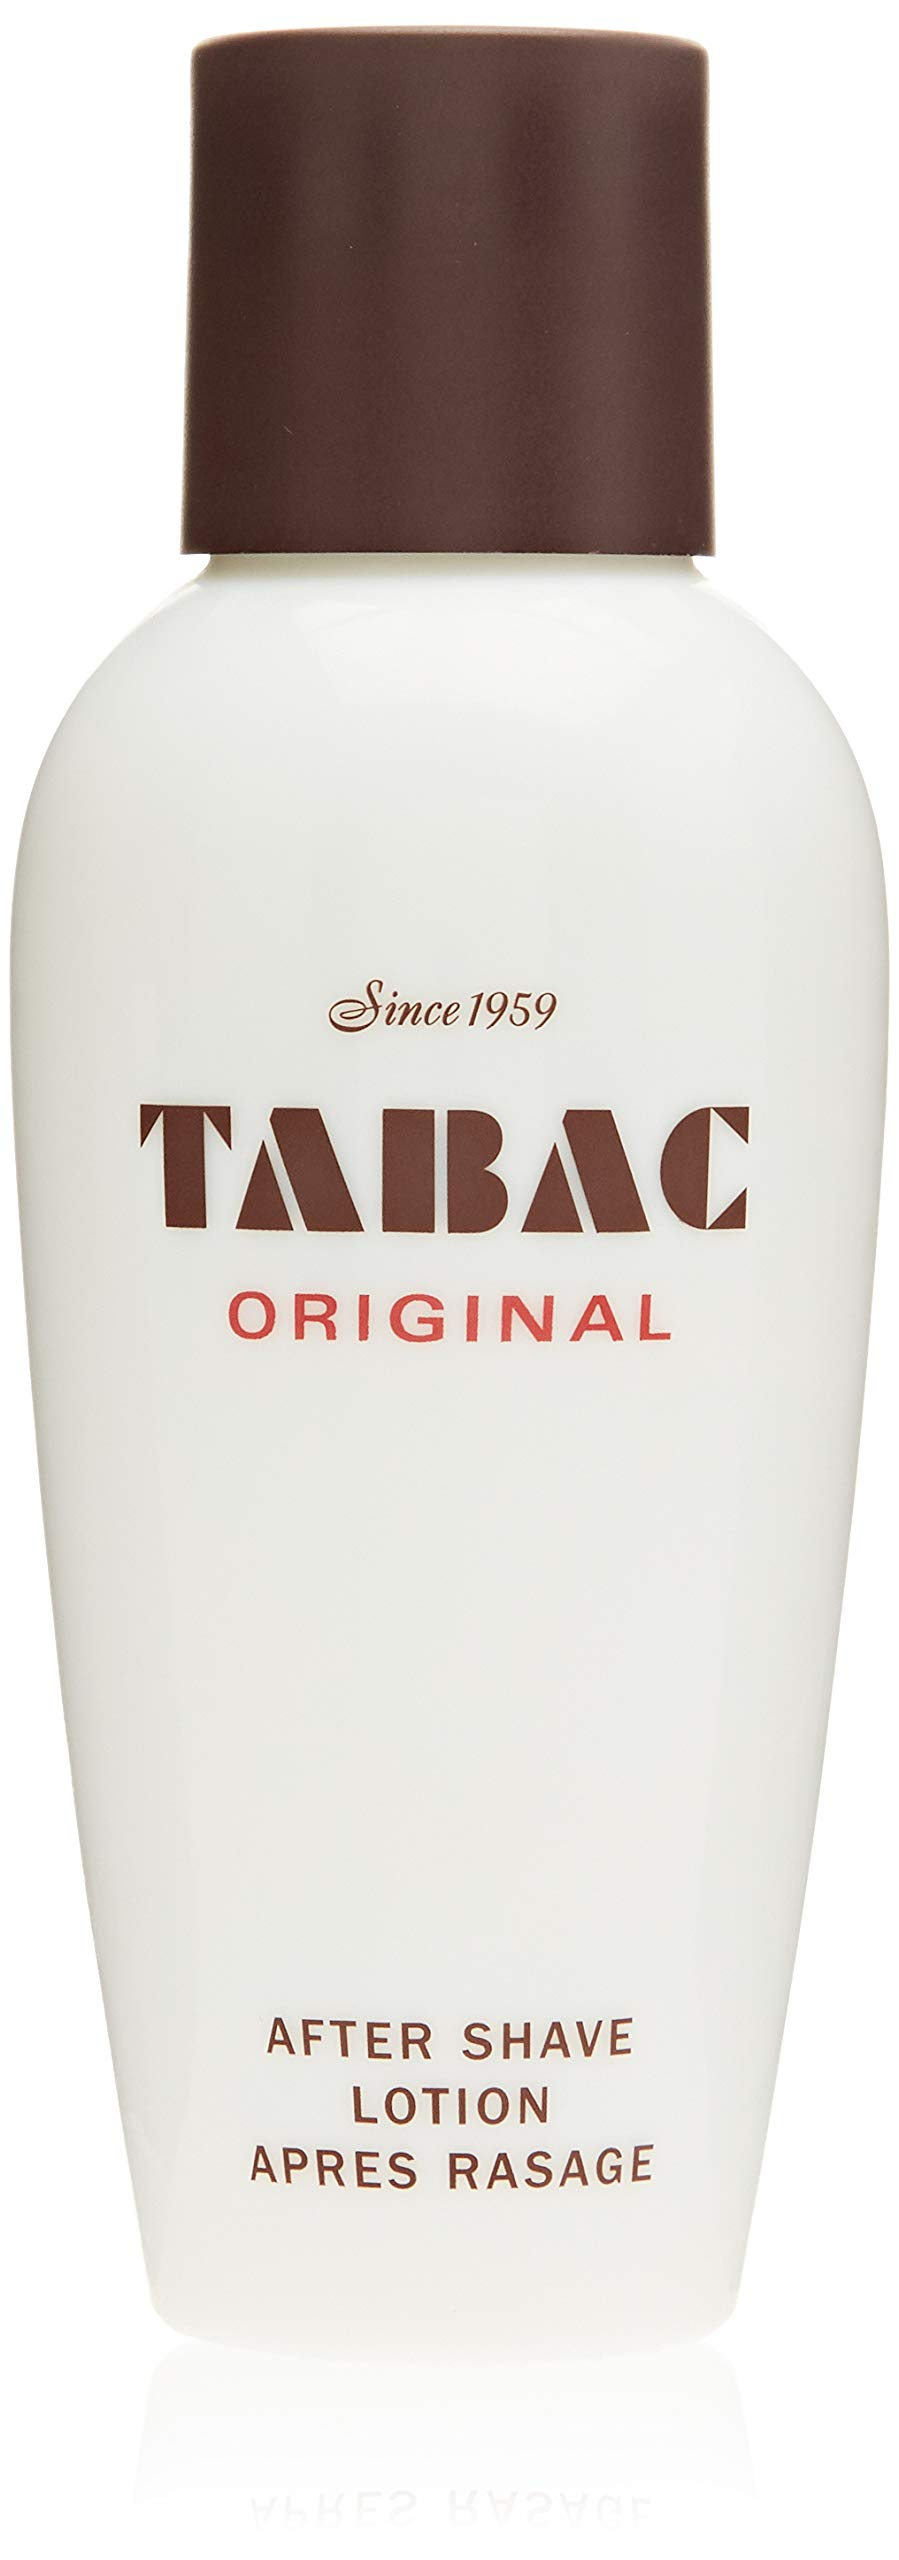 Tabac Original By Maurer & Wirtz For Men. Aftershave 10.1 Oz.